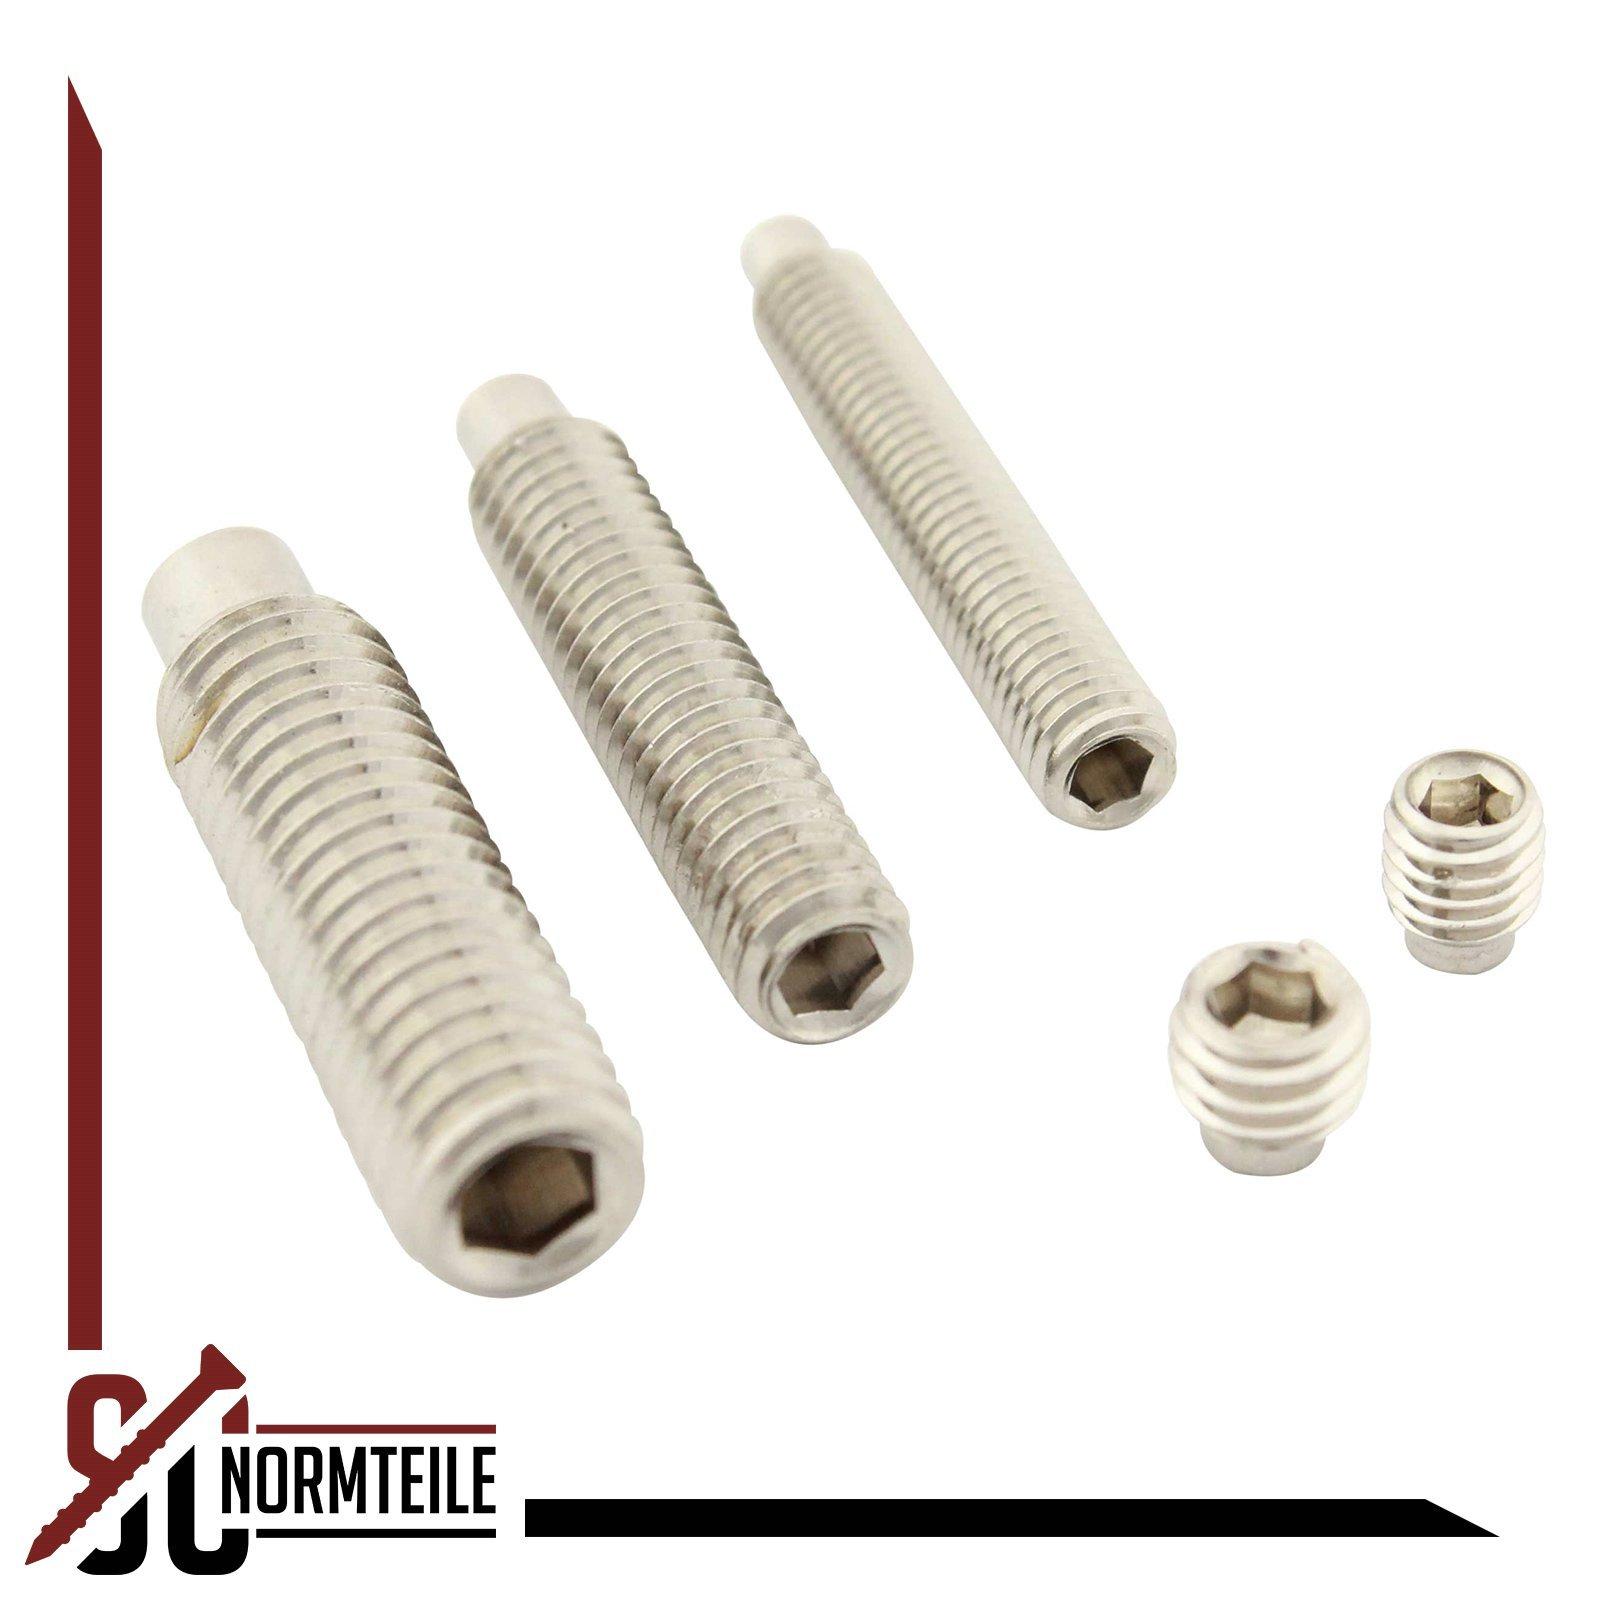 M6 x 10 mm - - SC915 Gewindestifte mit Innensechskant und Zapfen SC-Normteile ISO 4028 DIN 915 - aus rostfreiem Edelstahl A2 20 St/ück V2A - Madenschrauben